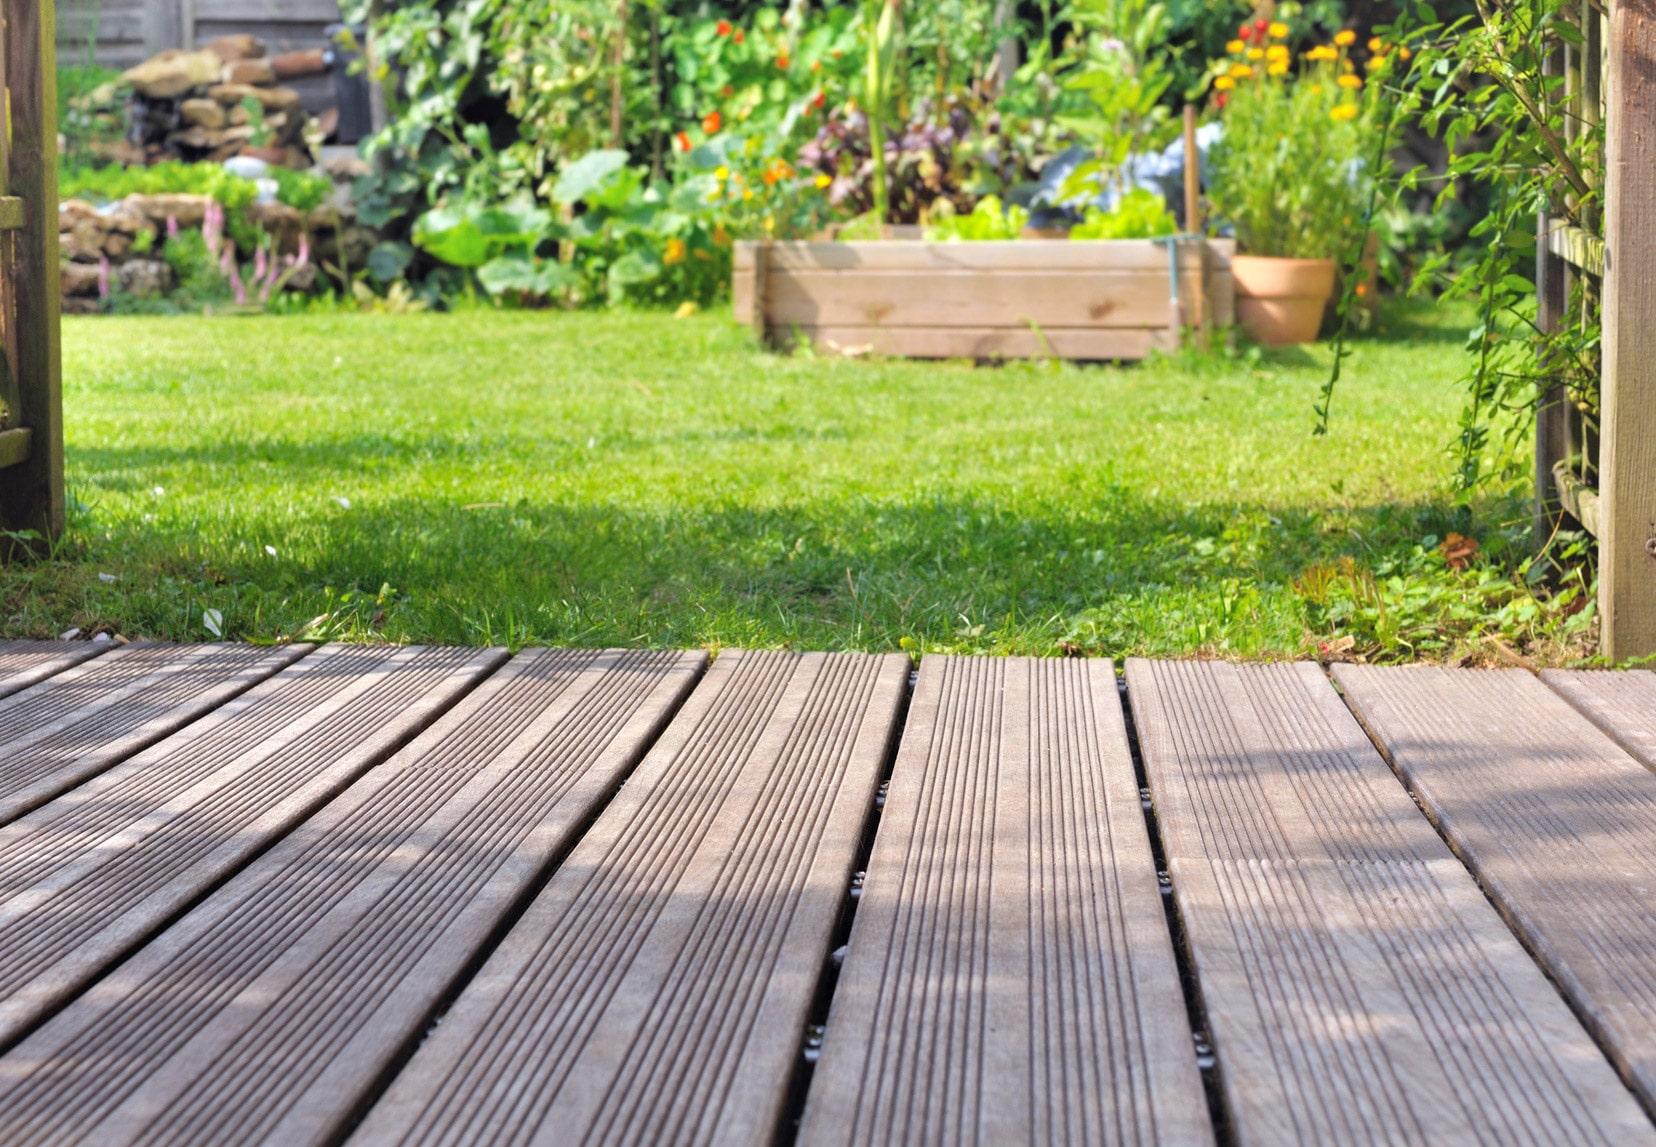 Comment Nettoyer Le Marbre Exterieur comment nettoyer les terrasses ? nos conseils